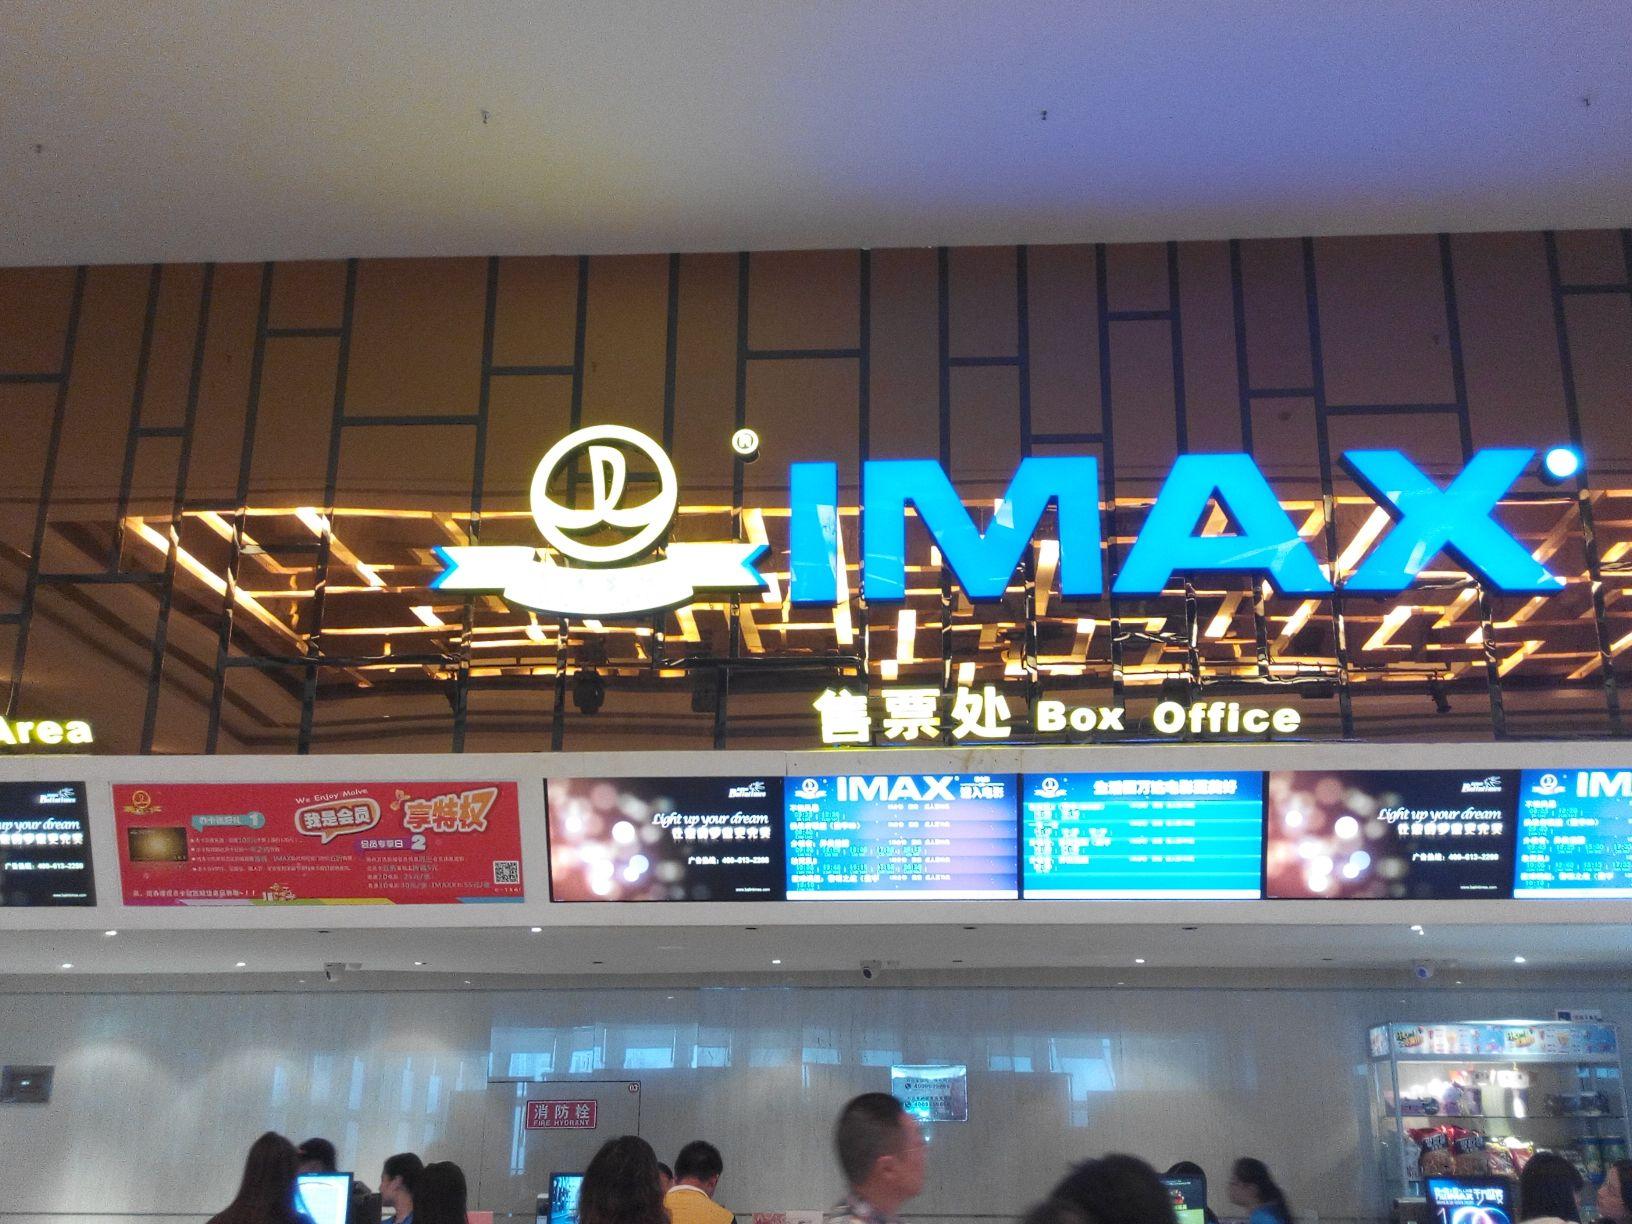 常州市香港区通江万达88号中路标签5楼广场:休闲娱乐电影院万达新北电影学校图片